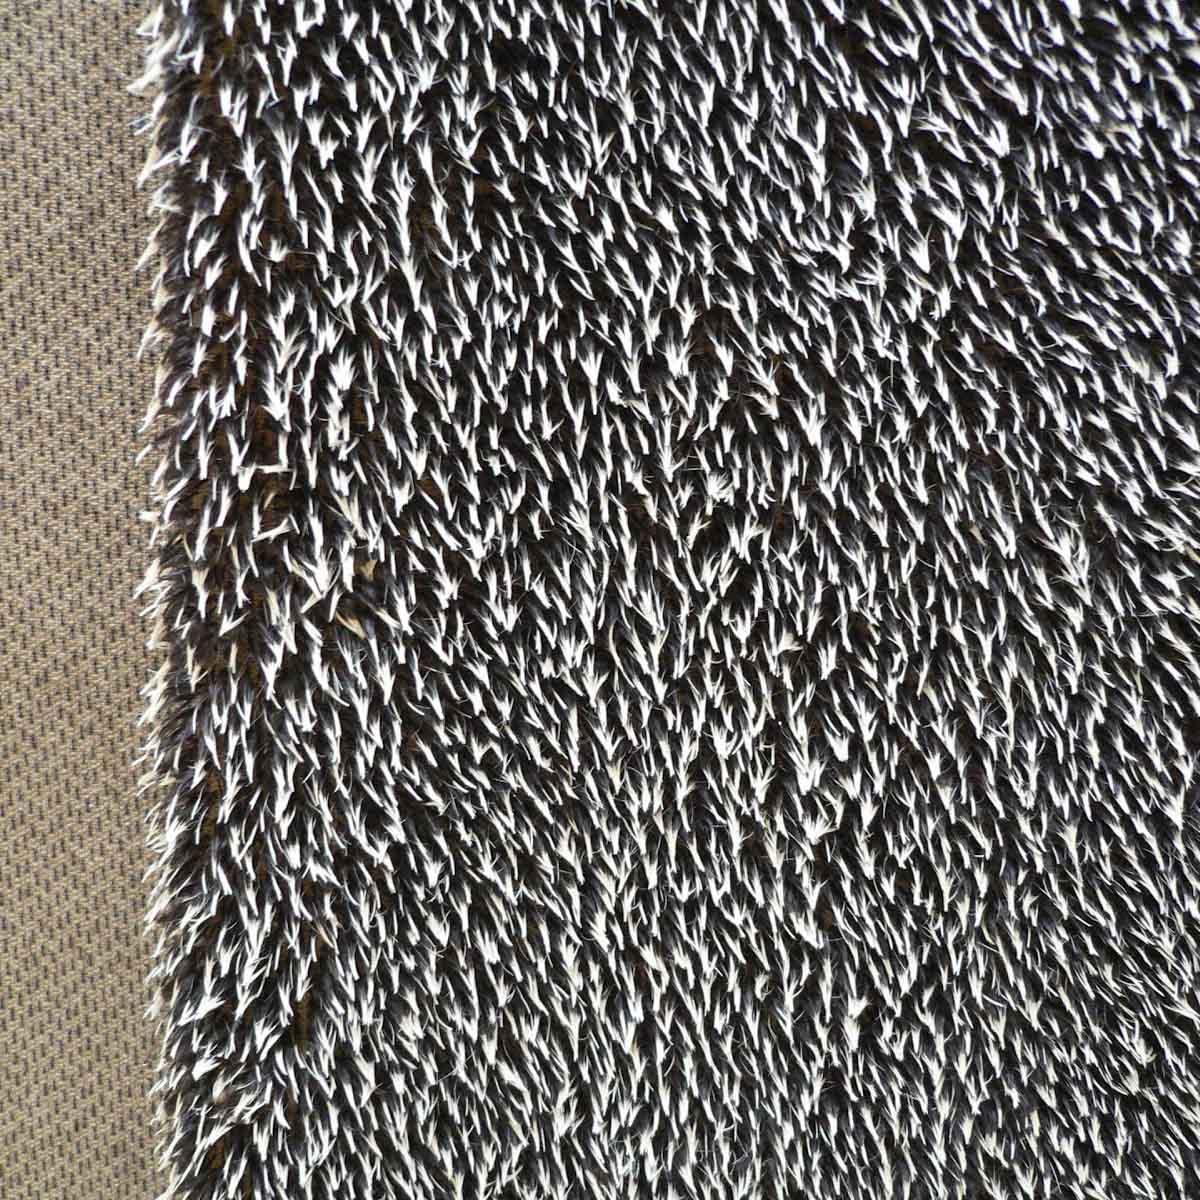 26161 Мех 'ЭЛИТ' 20136/1 'Ёжик' 17см*25см (1/32), жёсткий ворс 17мм , 57% шерсть мохер- 43% хлопок